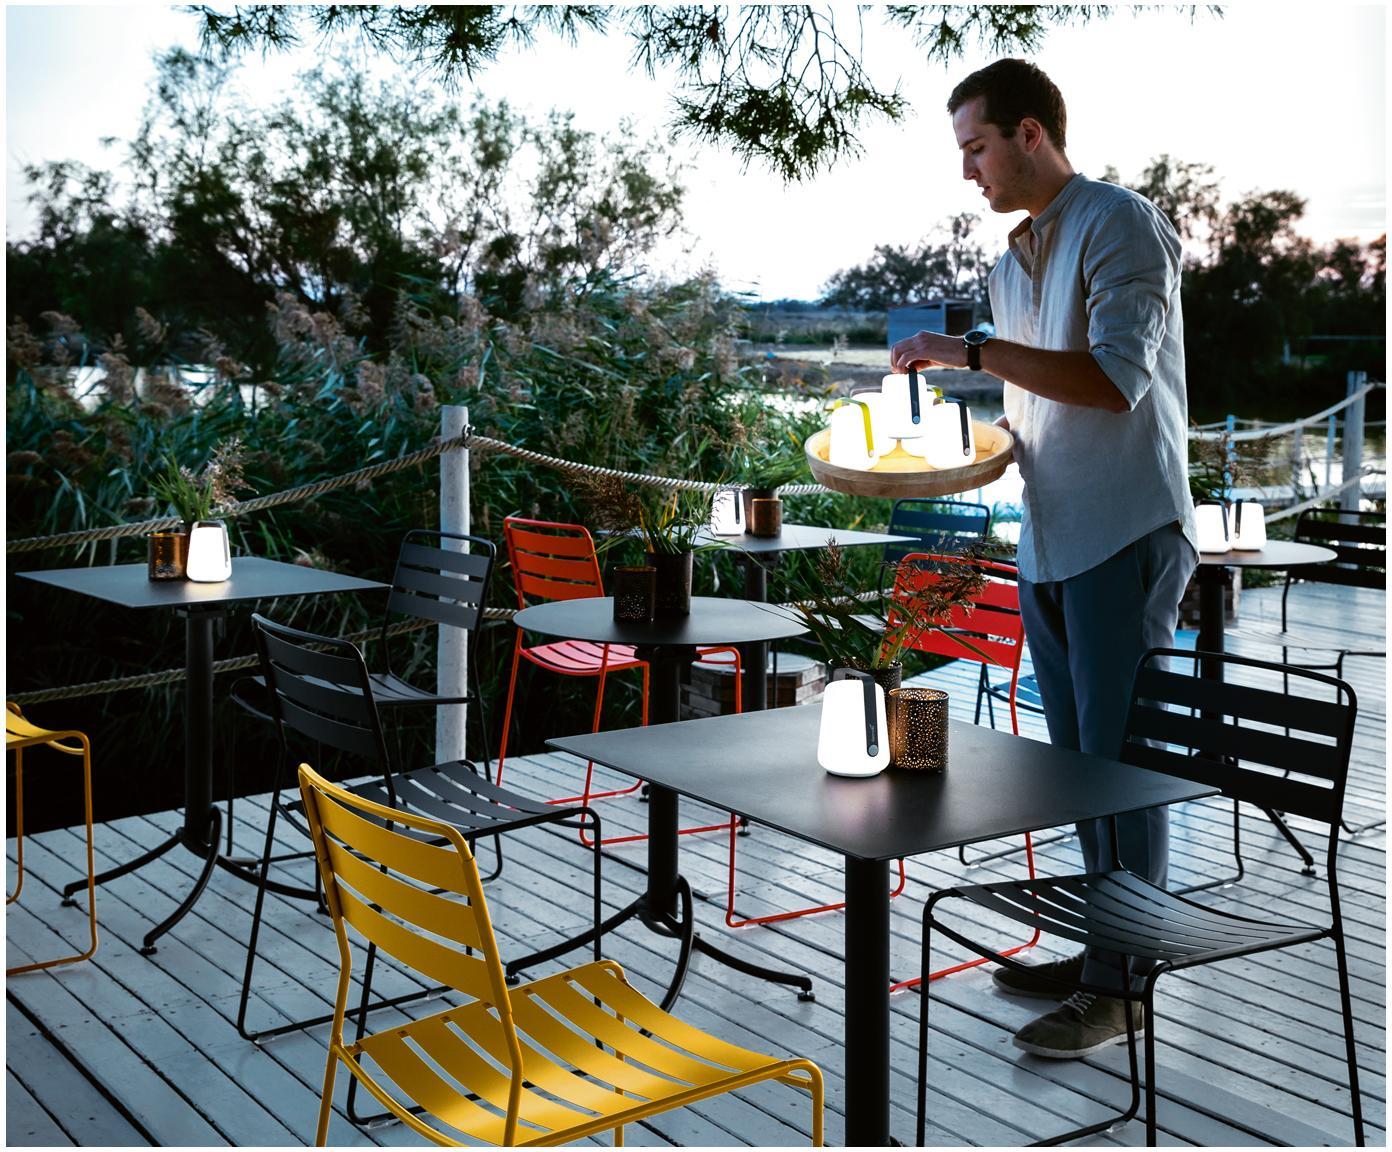 Zewnętrzna mobilna lampa LED Balad, 3 szt., Seledynowy, Ø 10 x W 13 cm